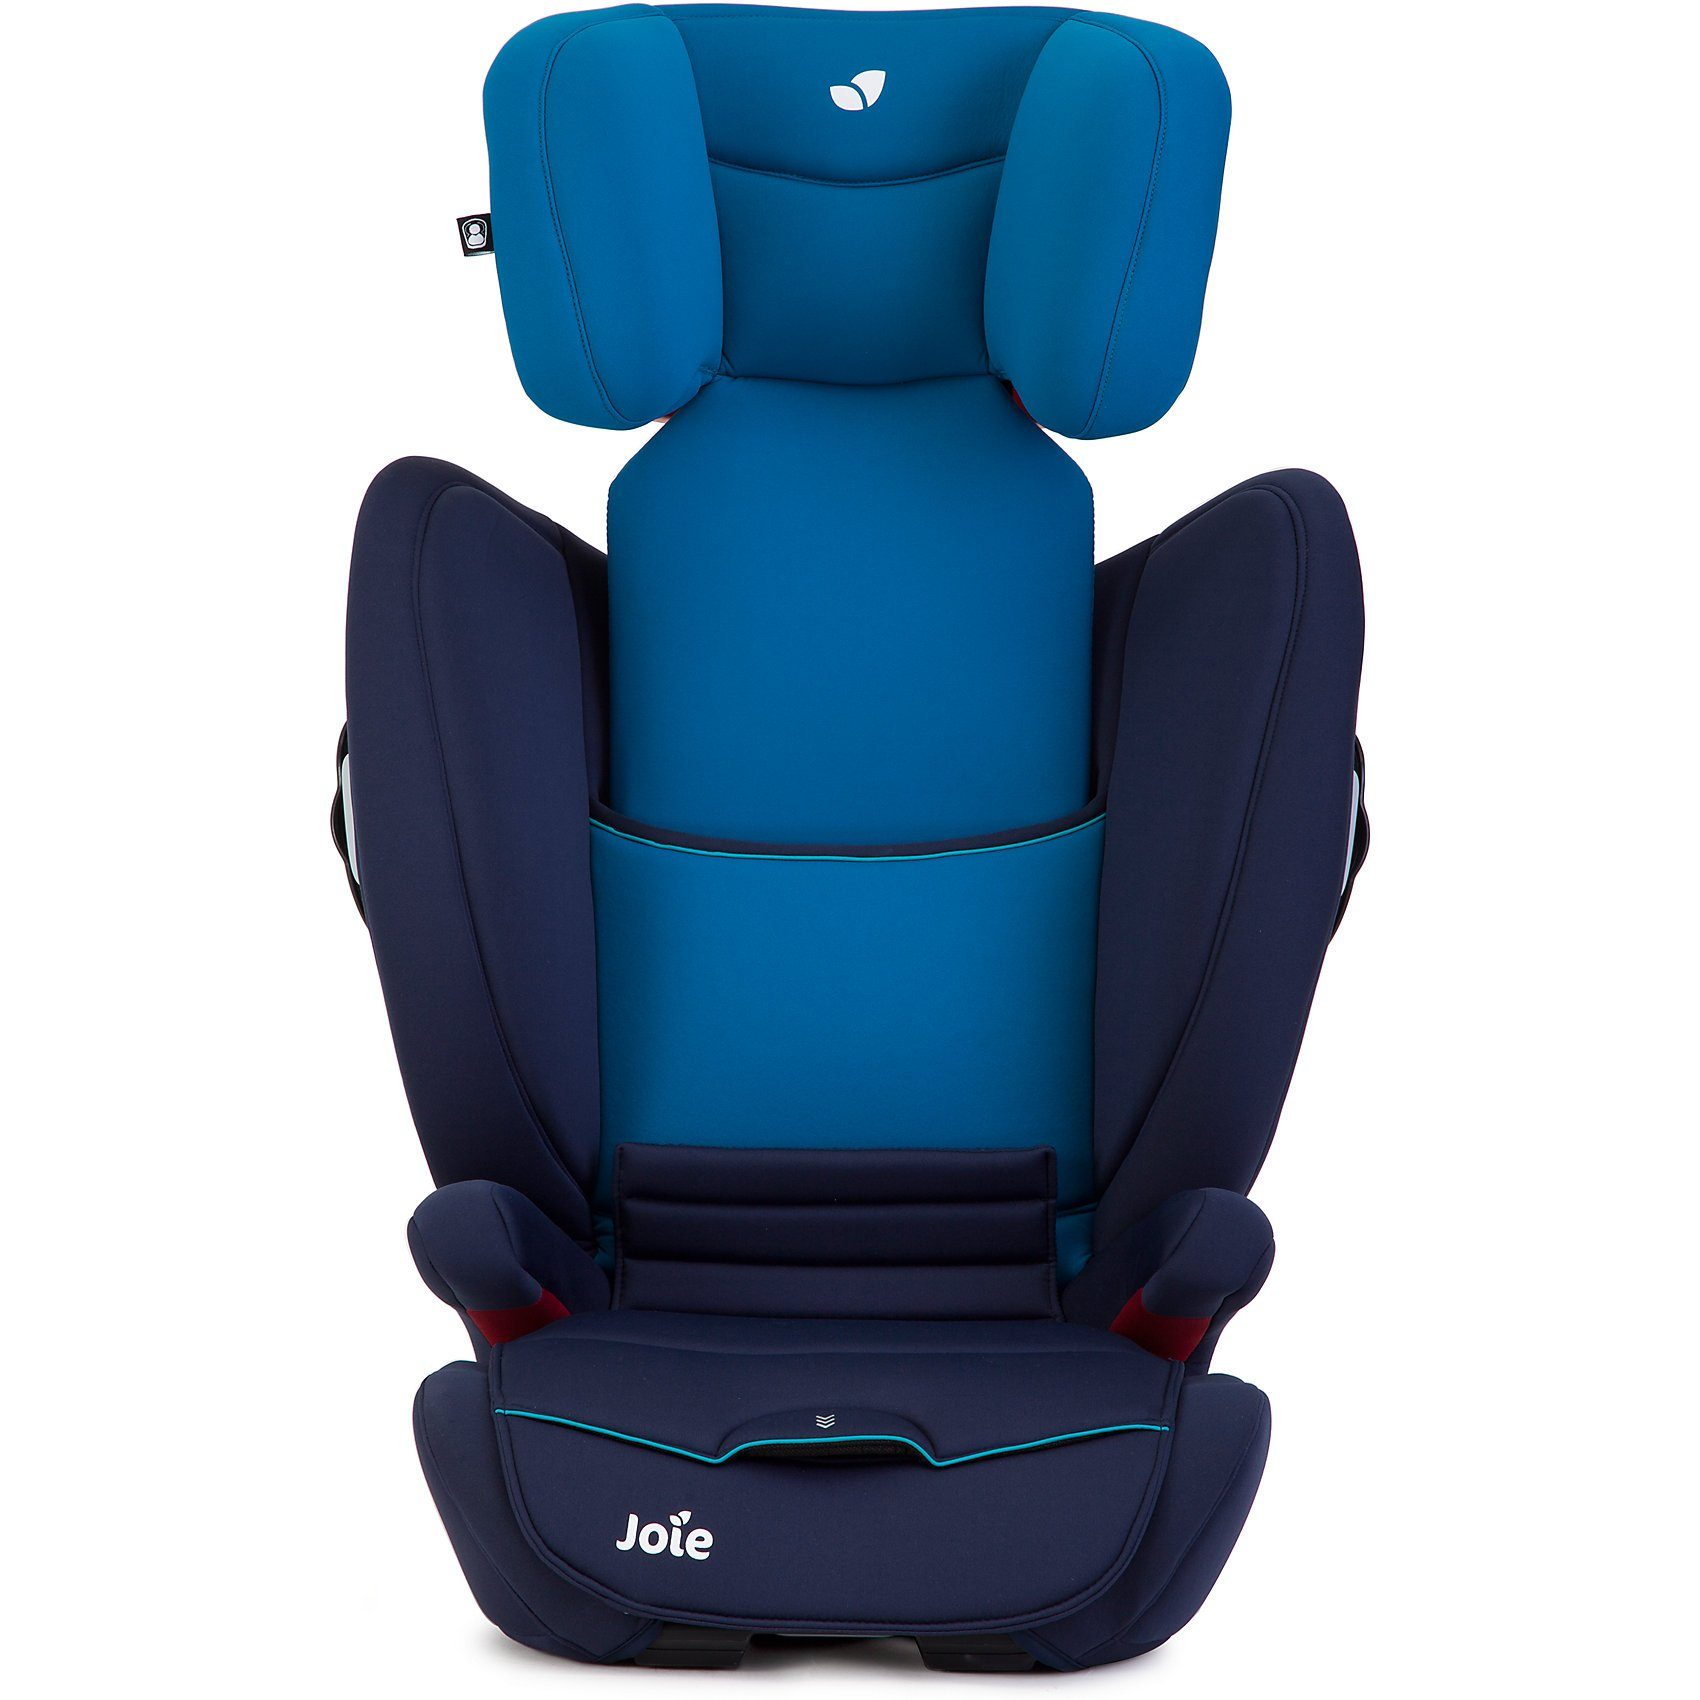 Joie Auto-Kindersitz Duallo, Cashmere